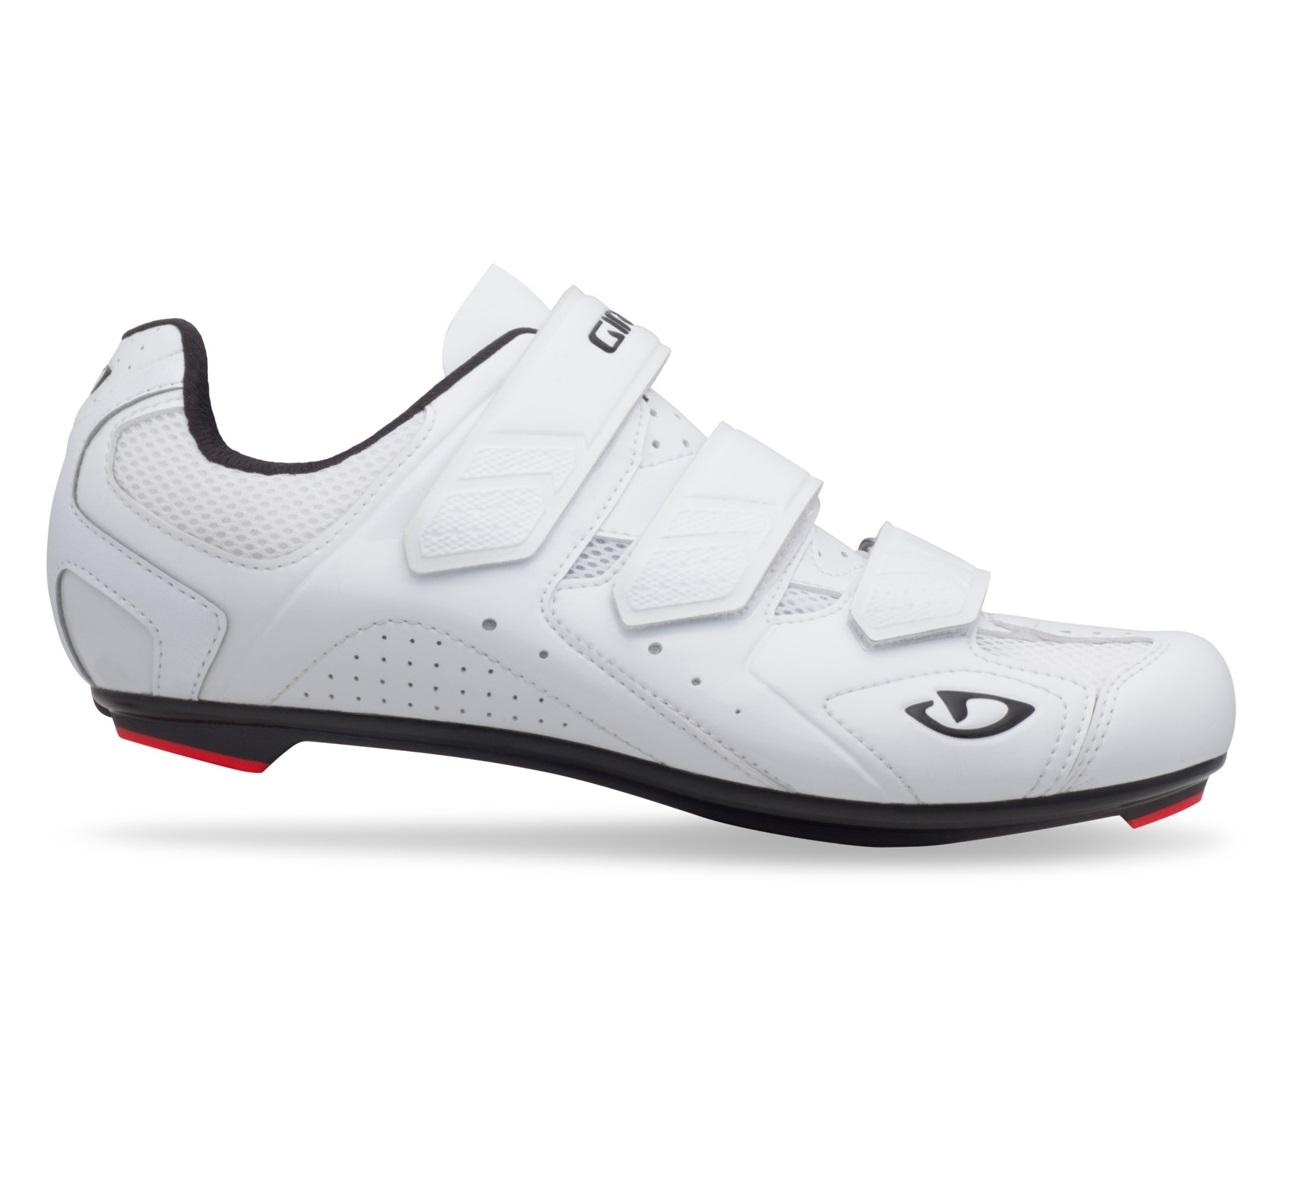 Giro Treble kerékpáros országúti cipő ba8e8fdedc